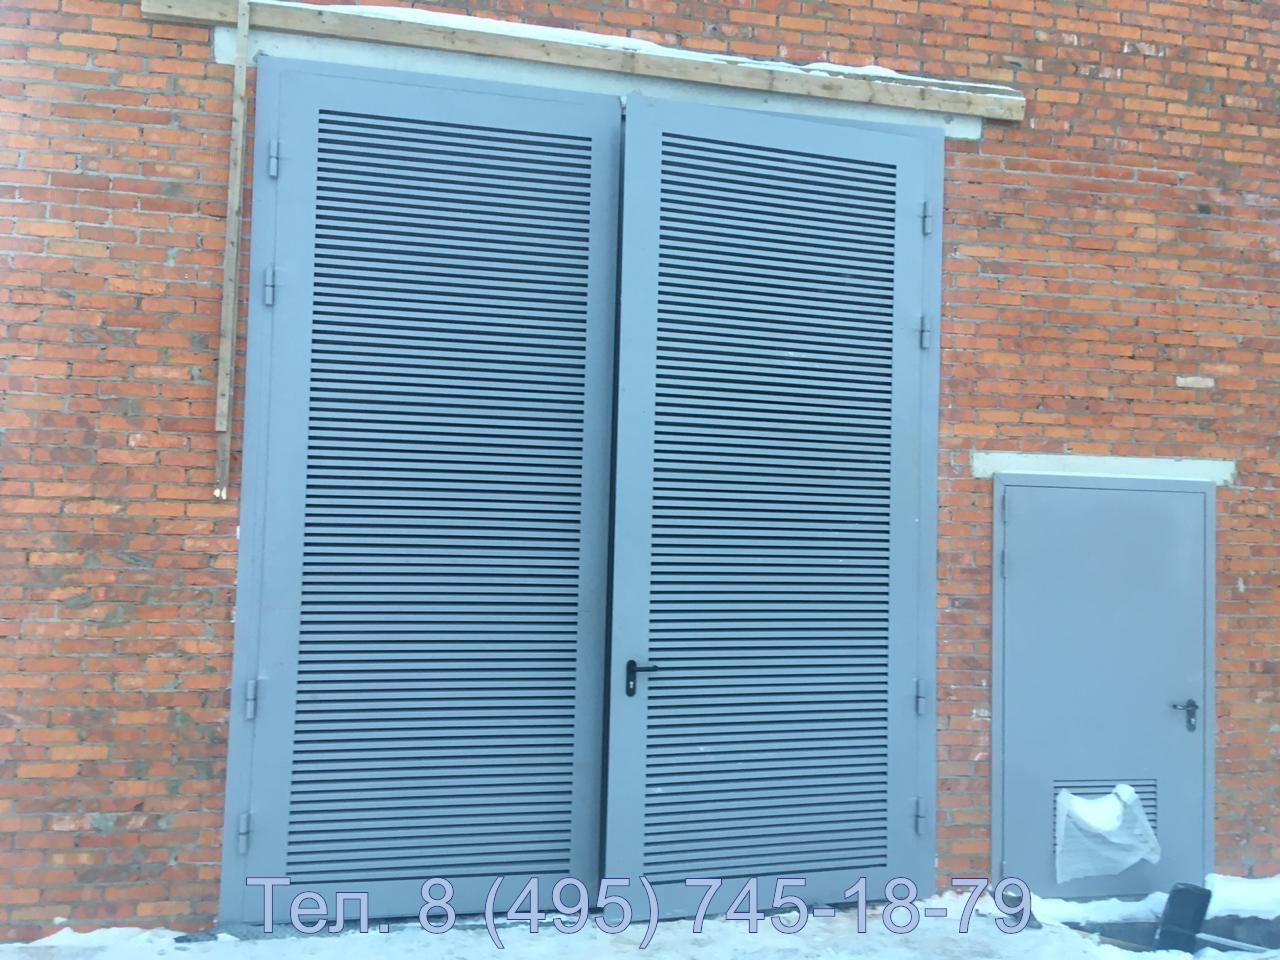 Ворота для трансформаторной подстанции (камер) с дверью и жалюзийными решетками большого размера